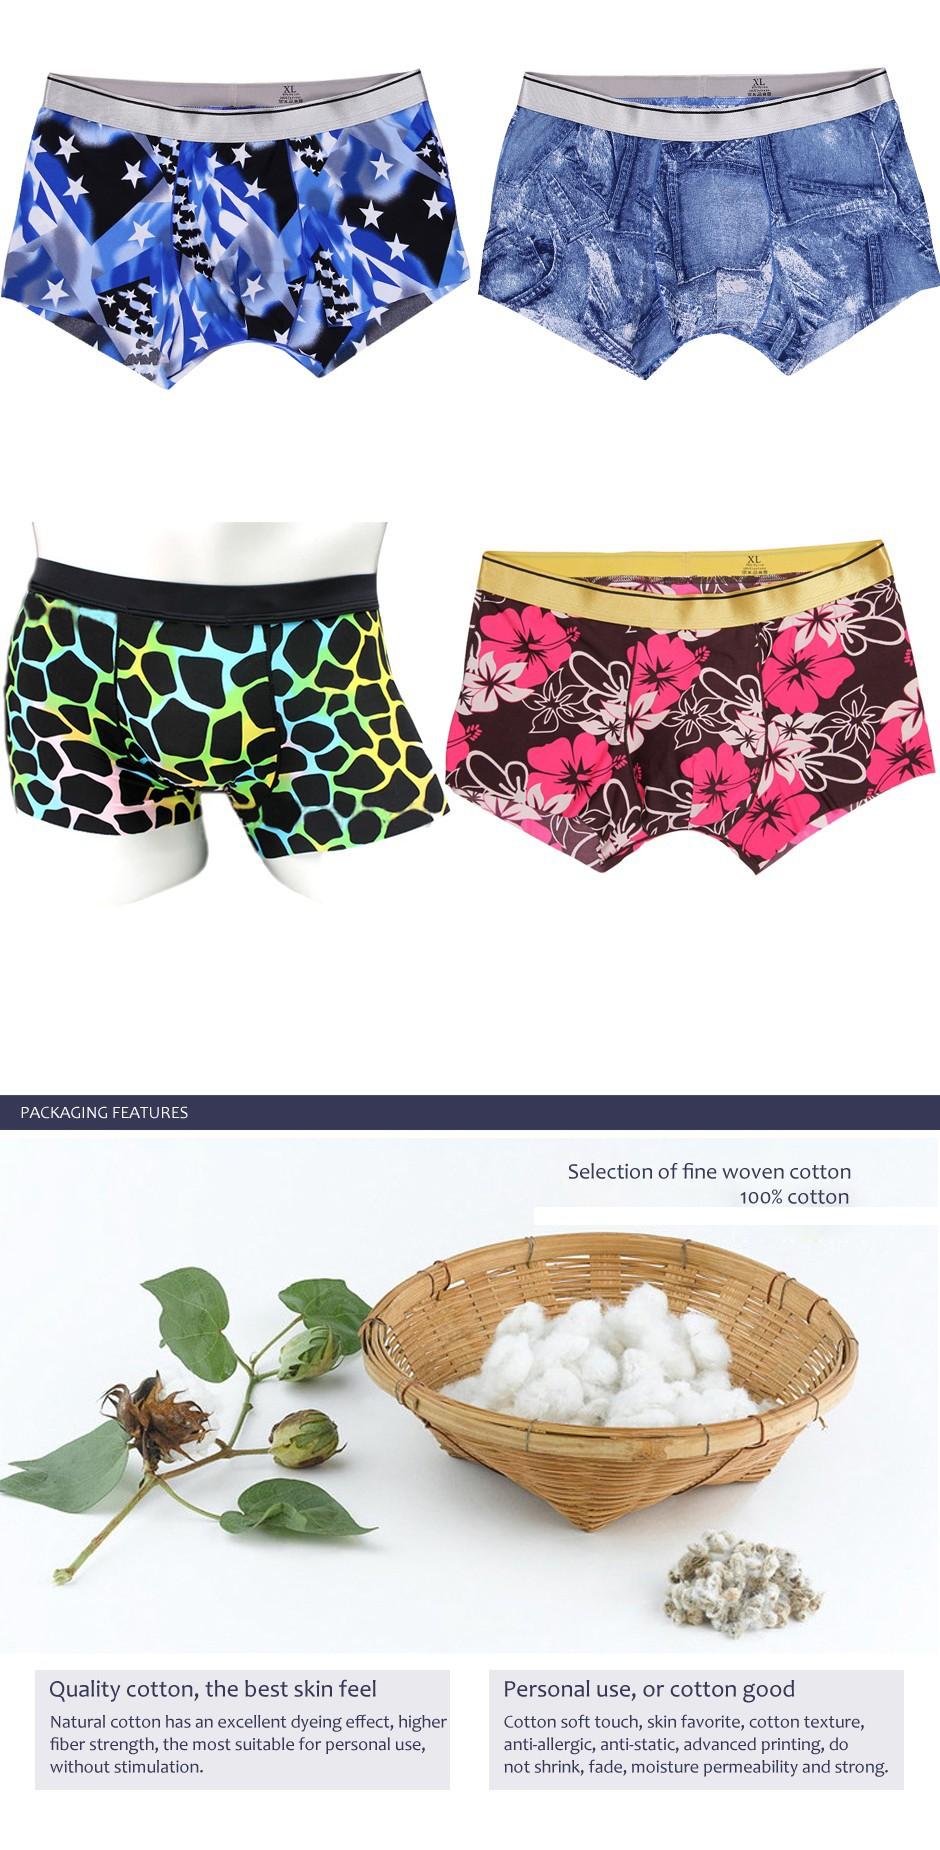 b74a67db068 BXMAN 100% Cotton Knit High Quality Sexy Men Boxer Shorts Men  s Underwear  Classic Underpants One Button 5 Colors 5Pieces LotUSD 22.99 lot